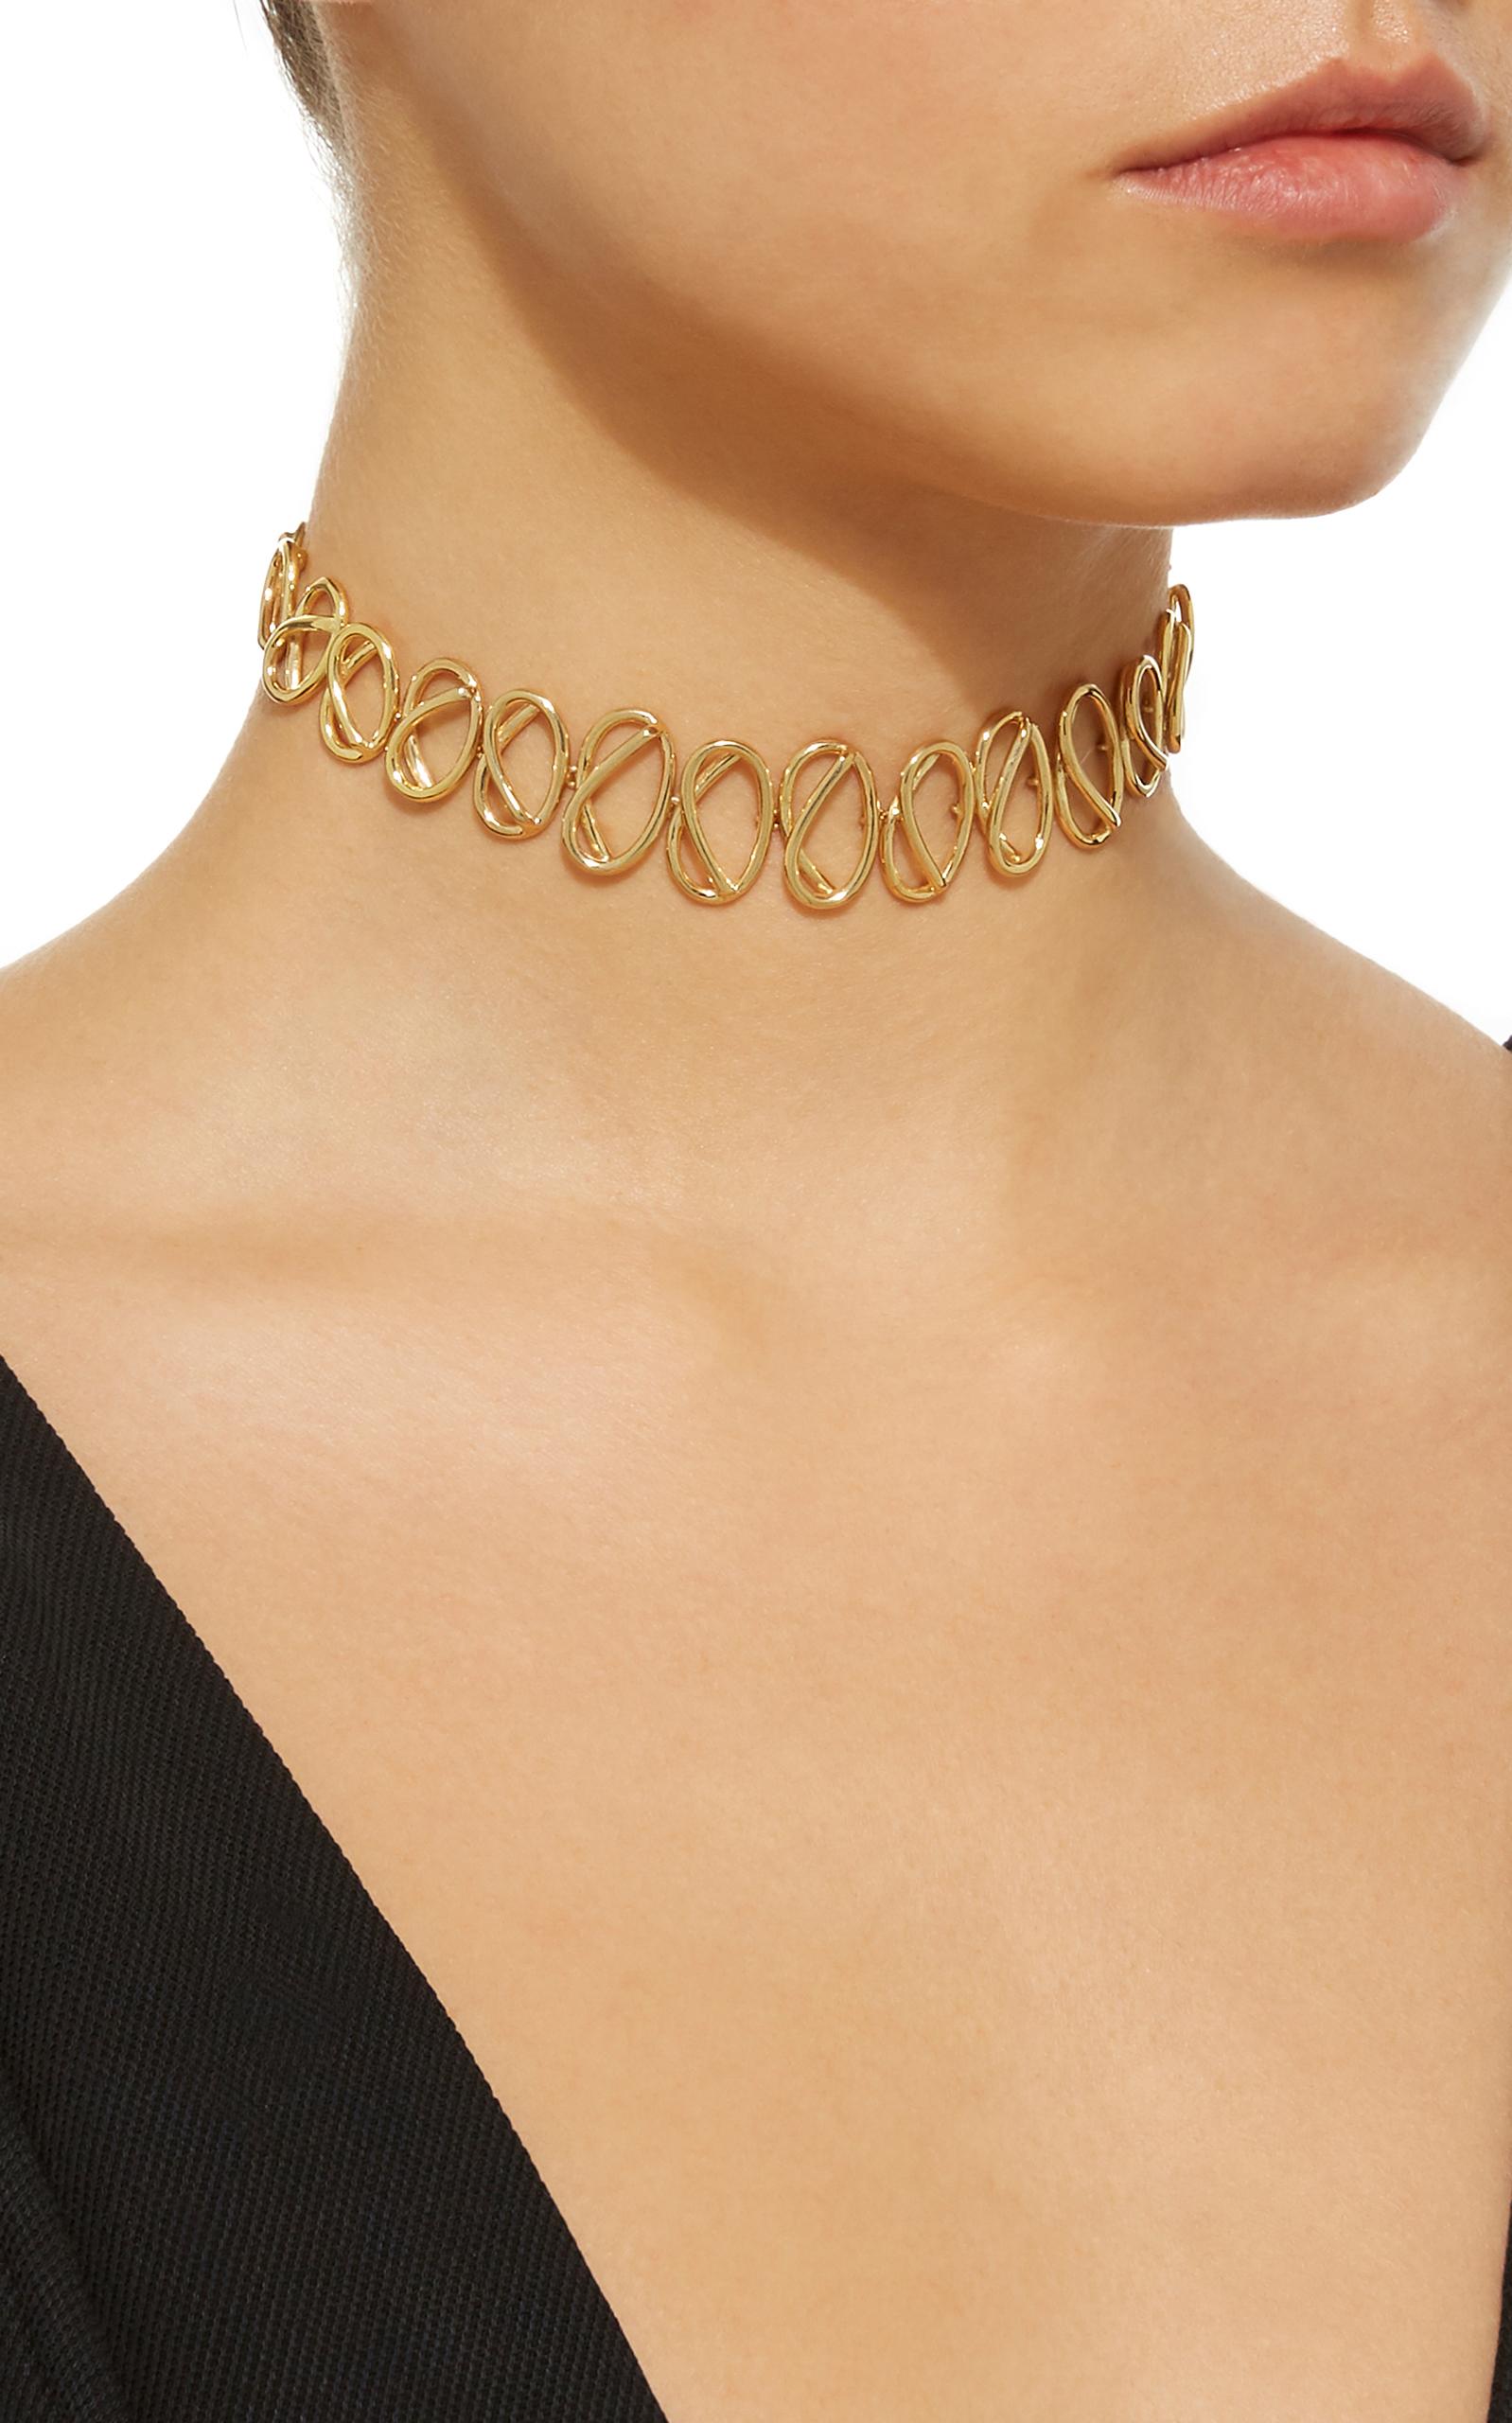 Gold-Plated Knot Choker Necklace Joanna Laura Constantine dkTrXrCq